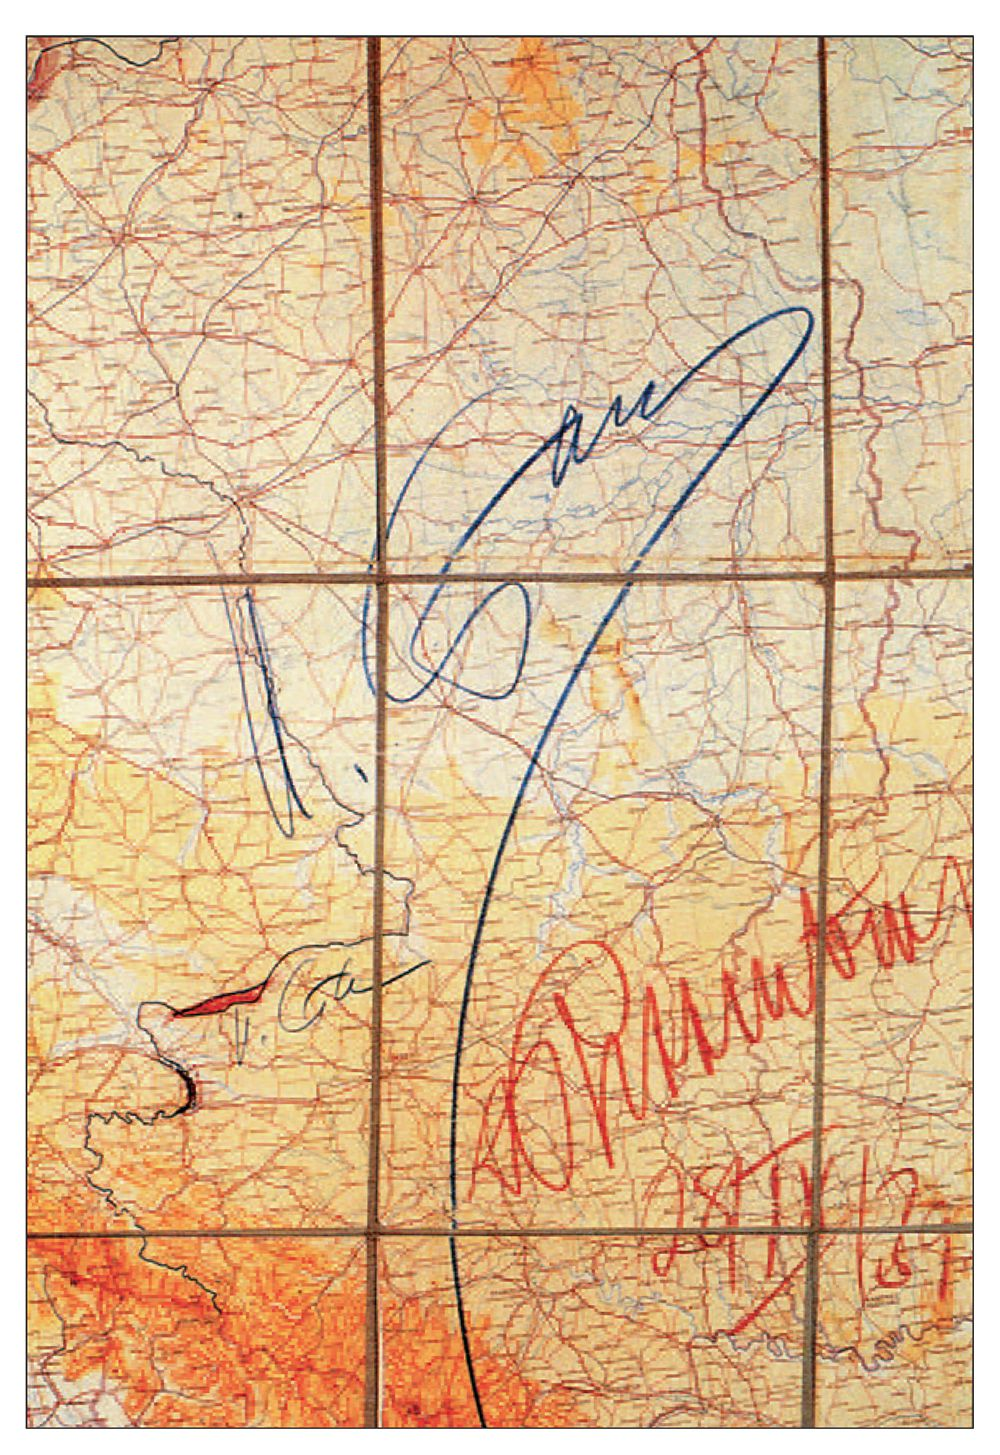 L'intesa germano-sovietica sui confini lituani e polacco-tedeschi codificata nel protocollo segreto allegato al patto Molotov-Ribbentrop. La carta reca le firme di Stalin e di von Ribbentrop.